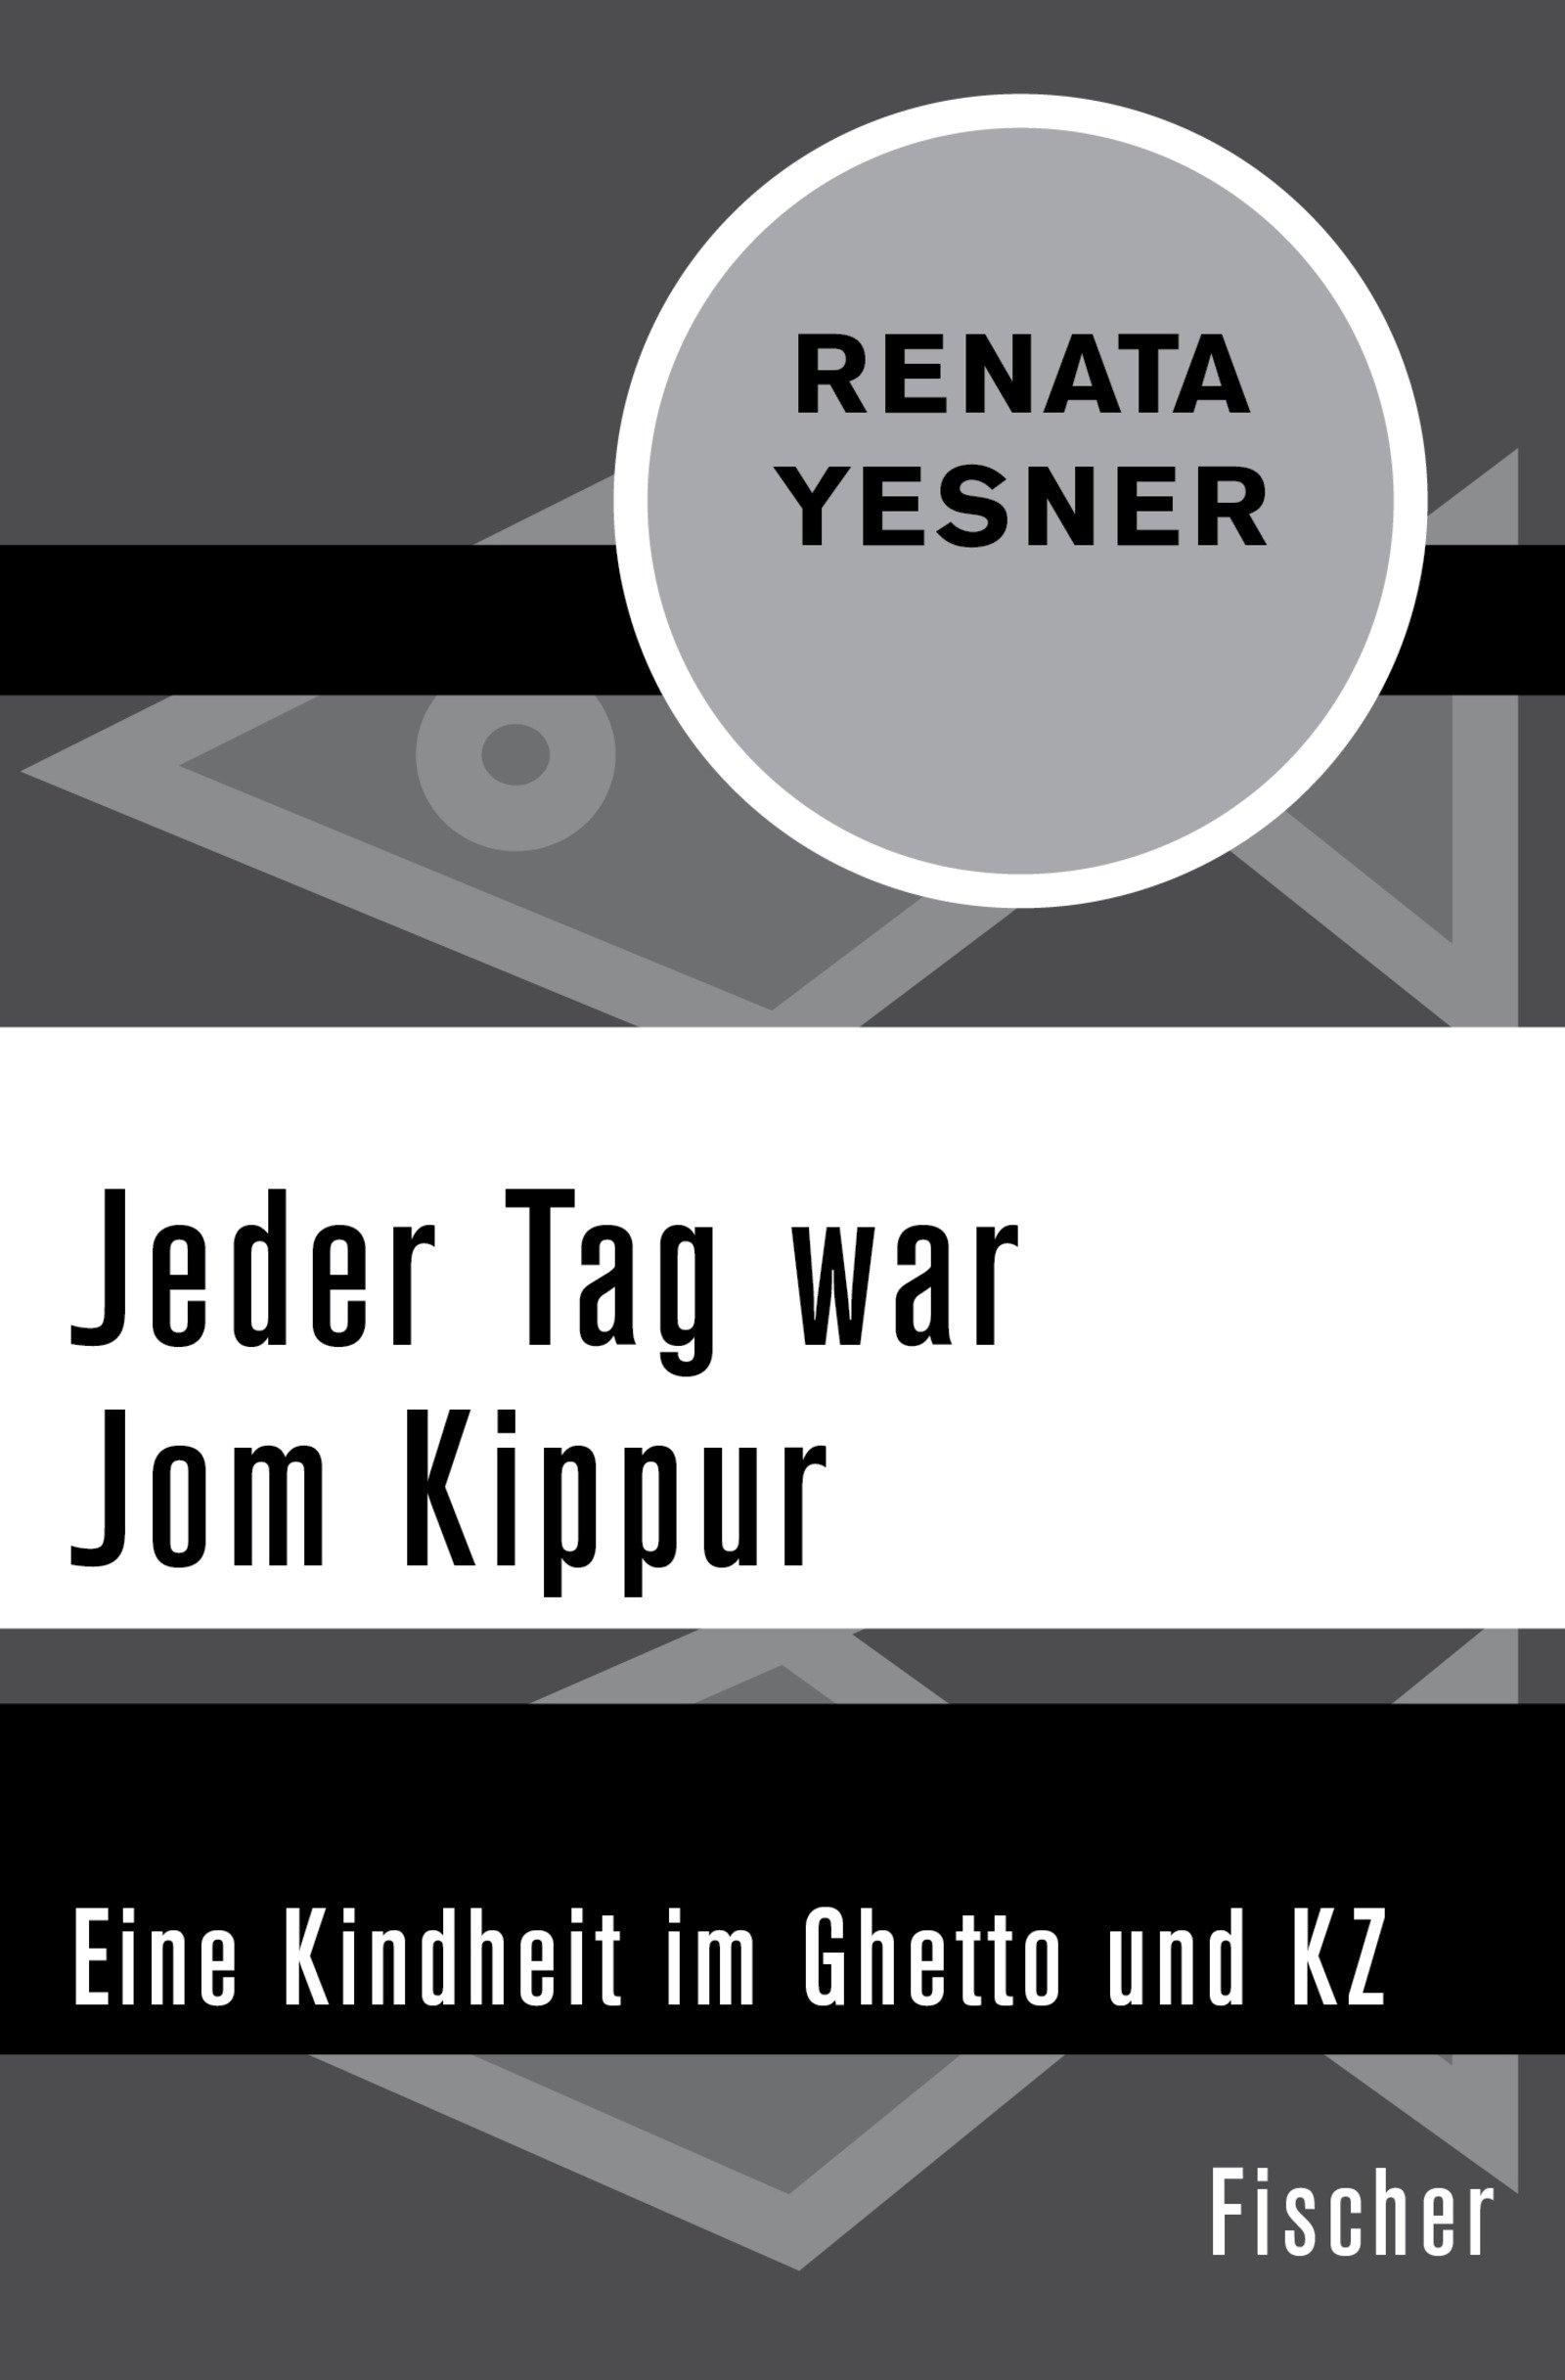 Jeder Tag war Jom Kippur: Eine Kindheit im Ghetto und KZ Taschenbuch – 23. Februar 2018 Renata Yesner Mona Körte FISCHER Taschenbuch 3596320127